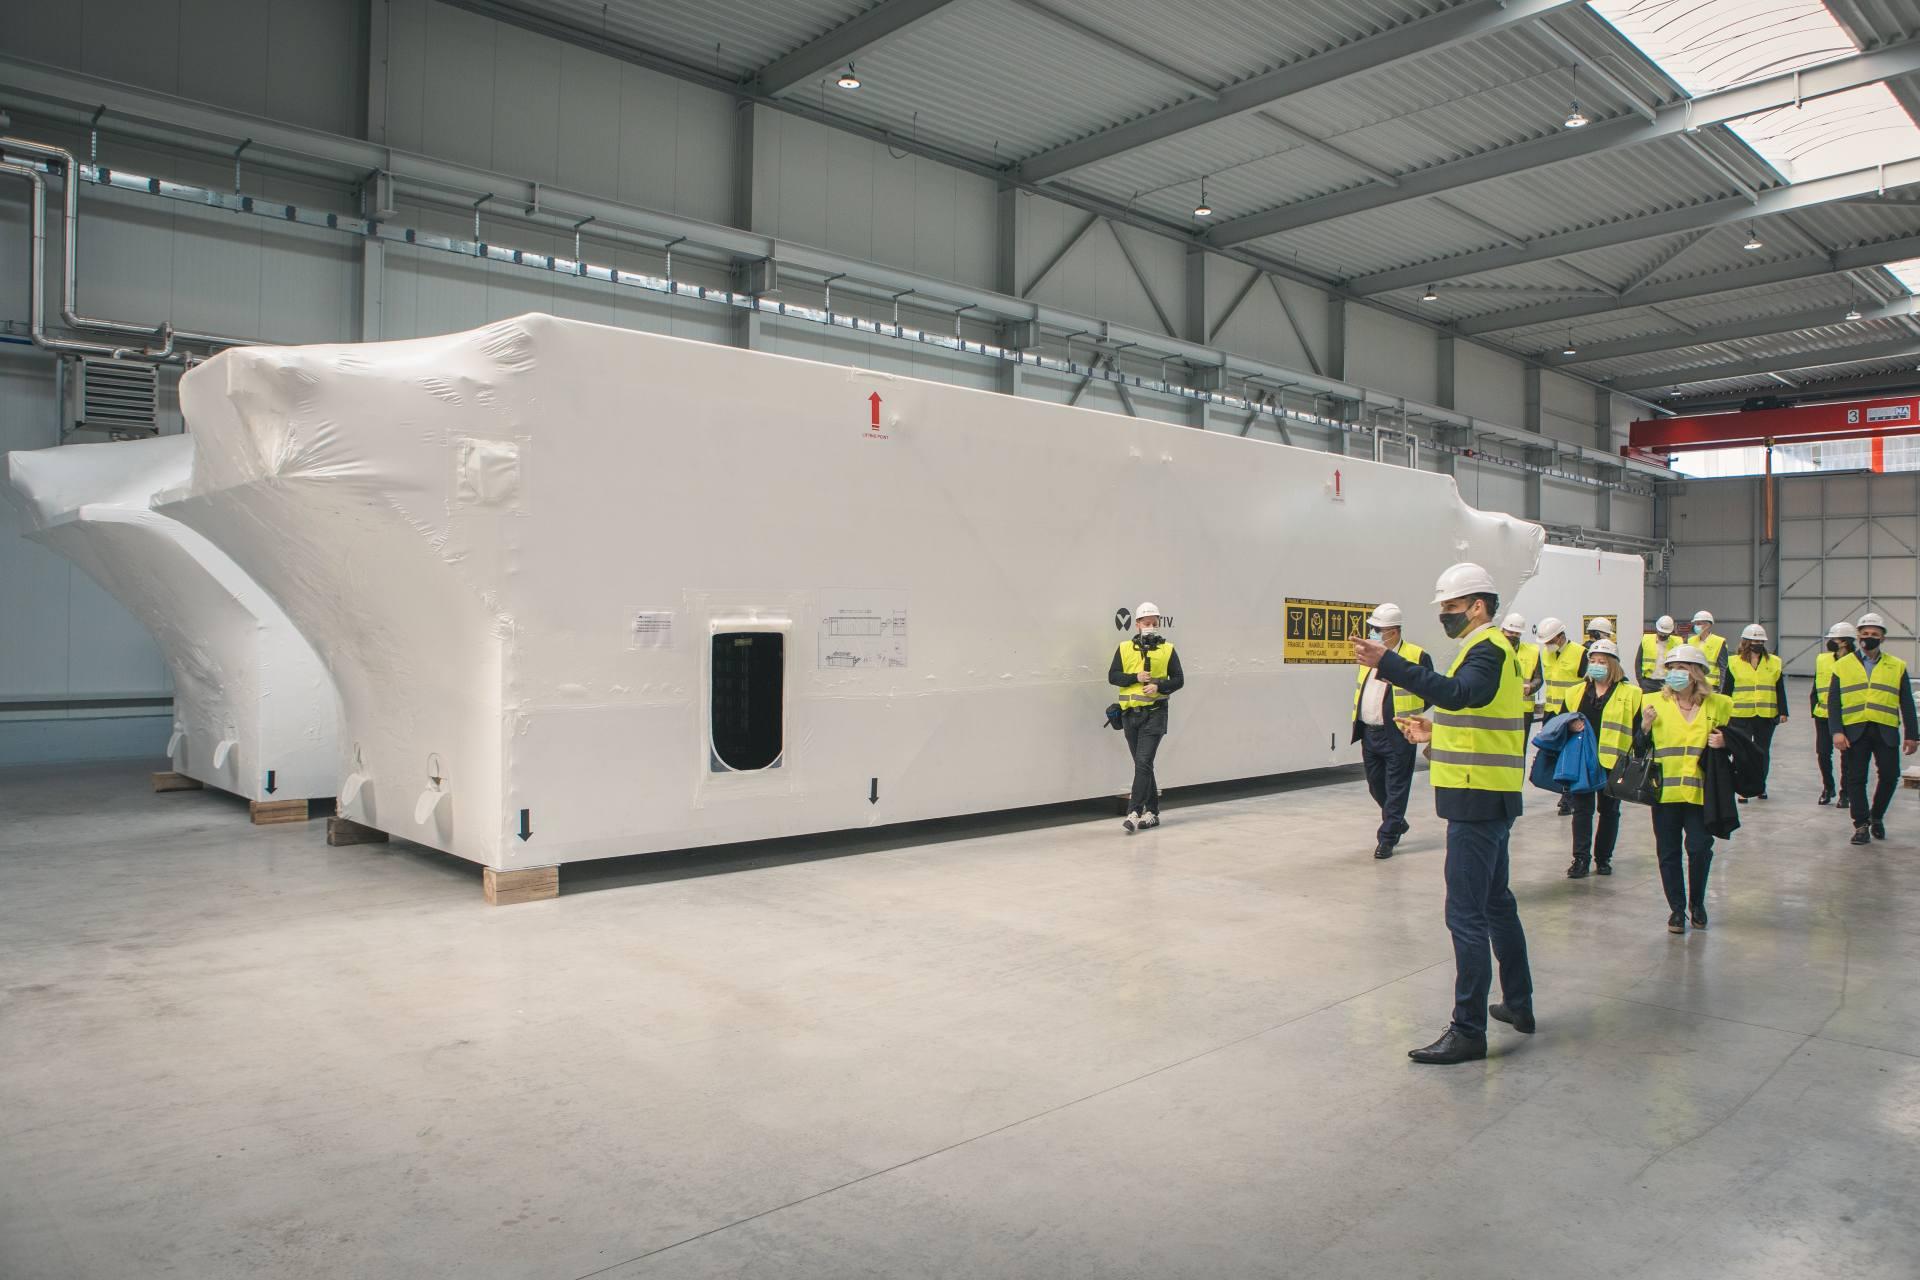 Vertiv deschide o nouă fabrică în contextul unei cereri tot mai mari pentru soluții modulare integrate